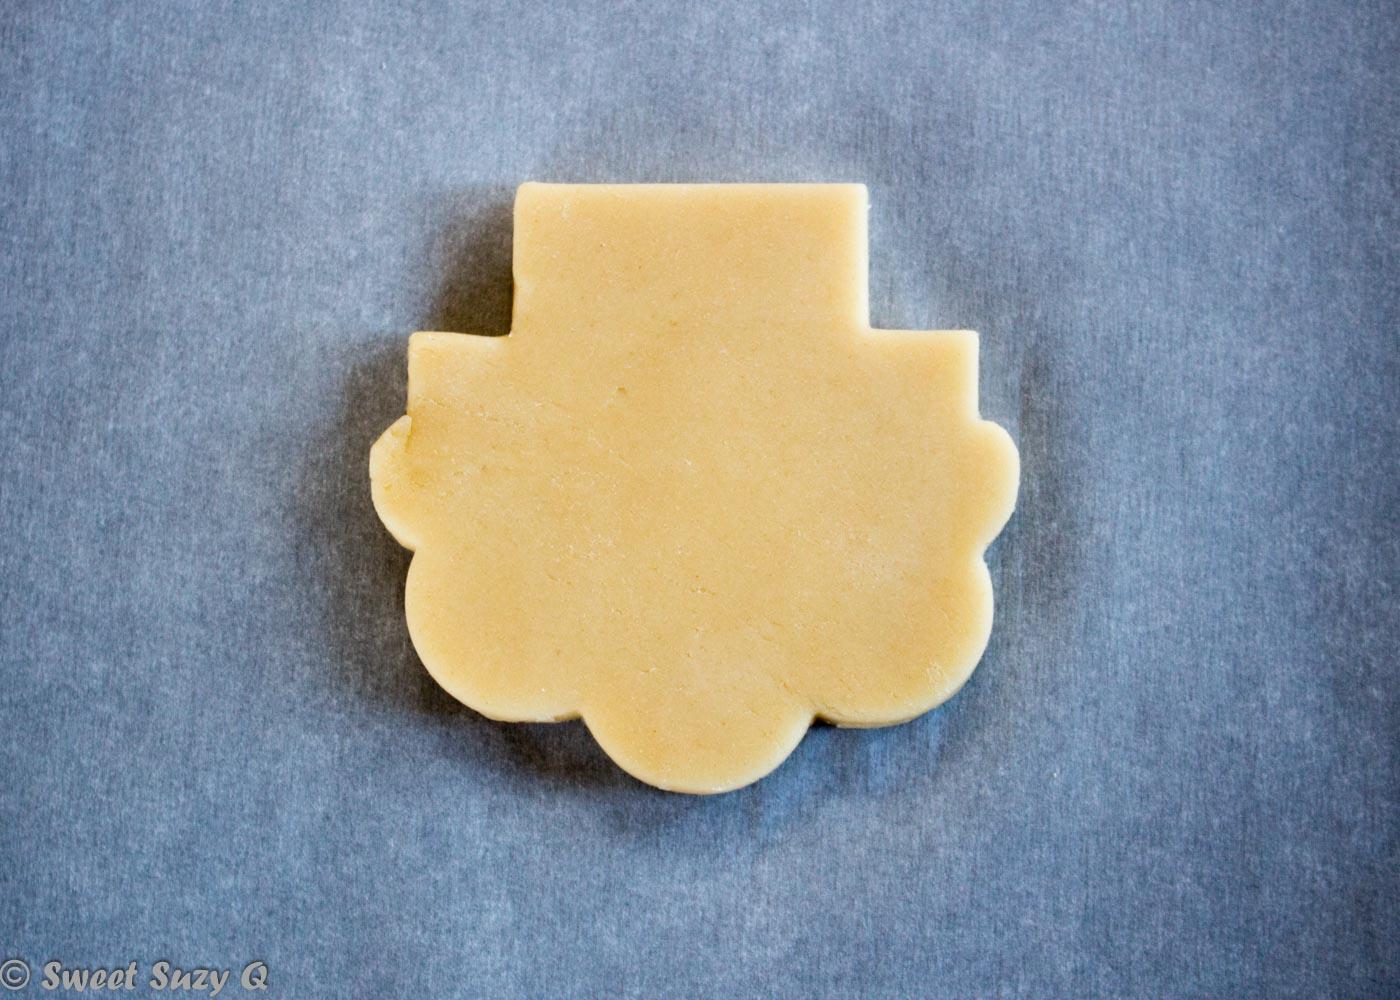 Final leprechaun cookie cut 4